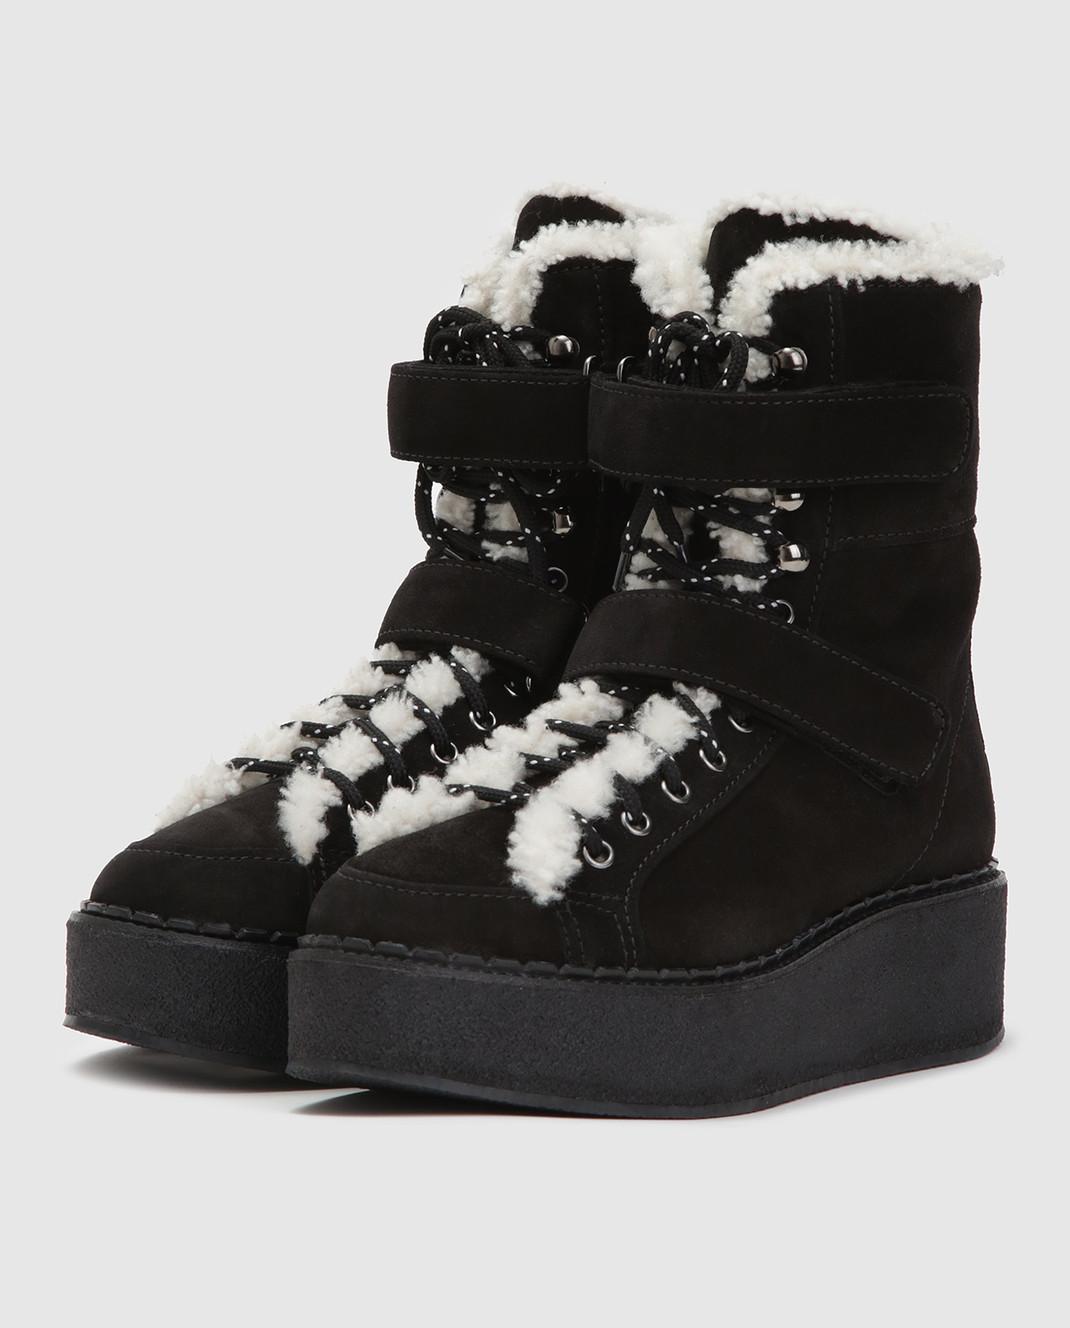 Moncler Черные замшевые ботинки 20482 изображение 3